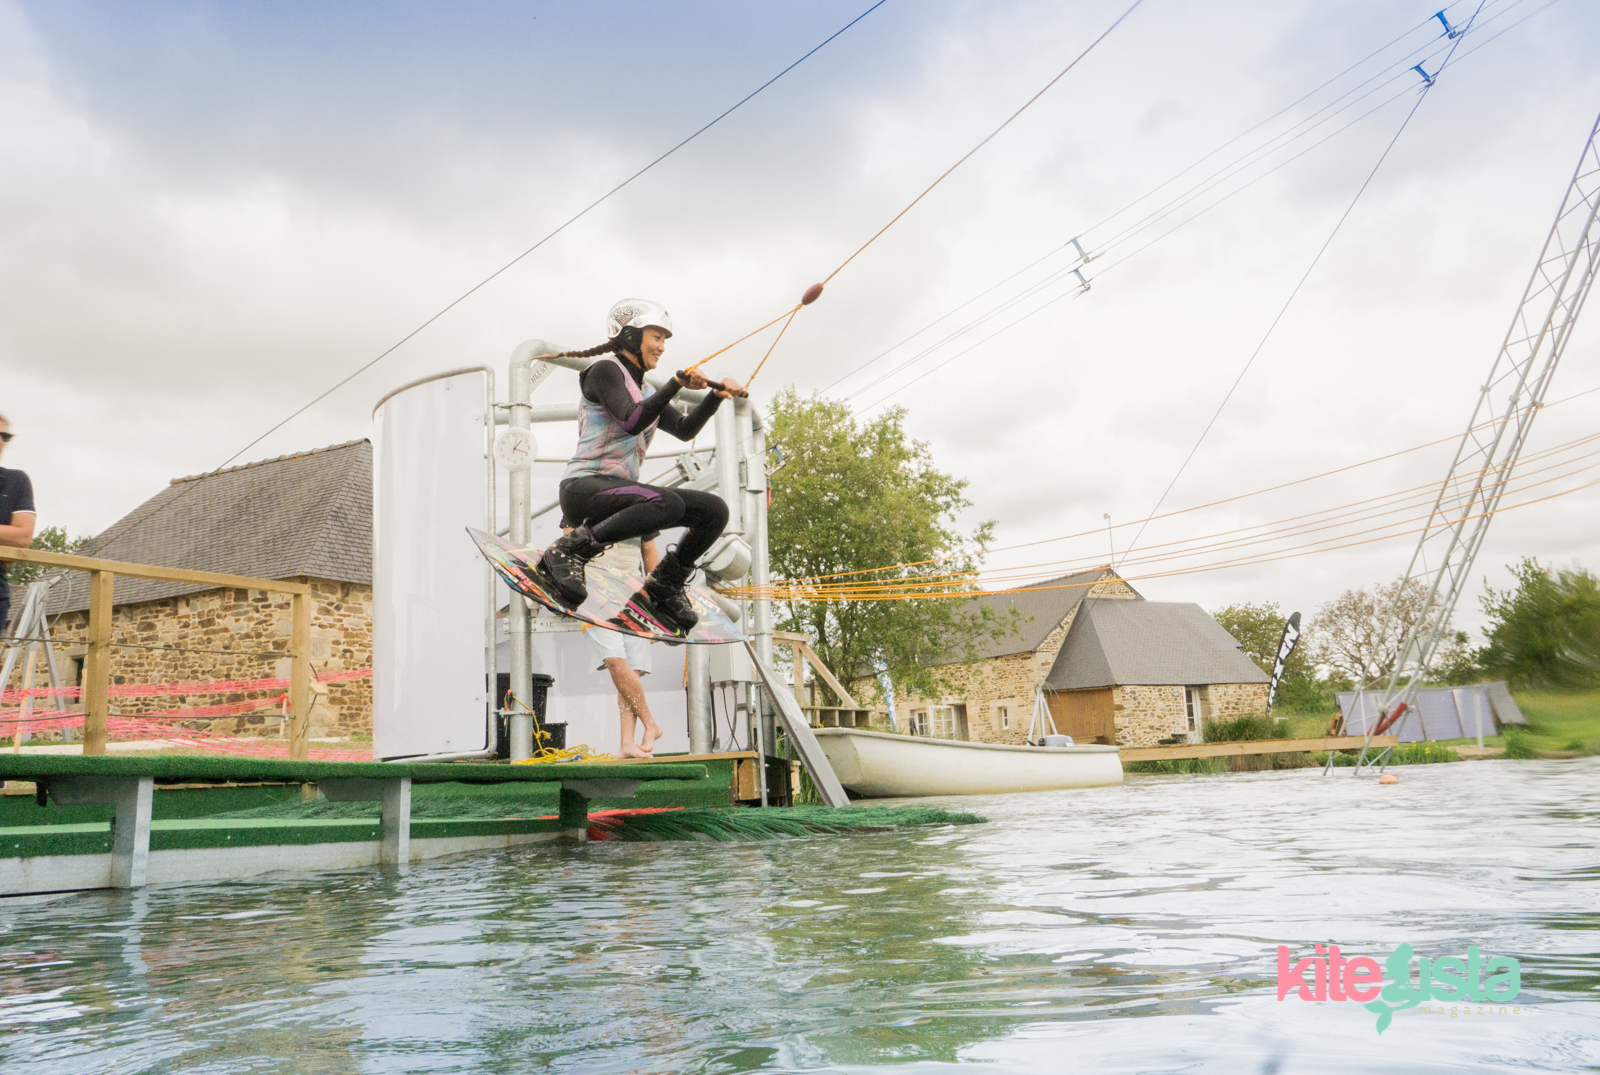 Wakeboard tutorial Jumping start - KiteSista